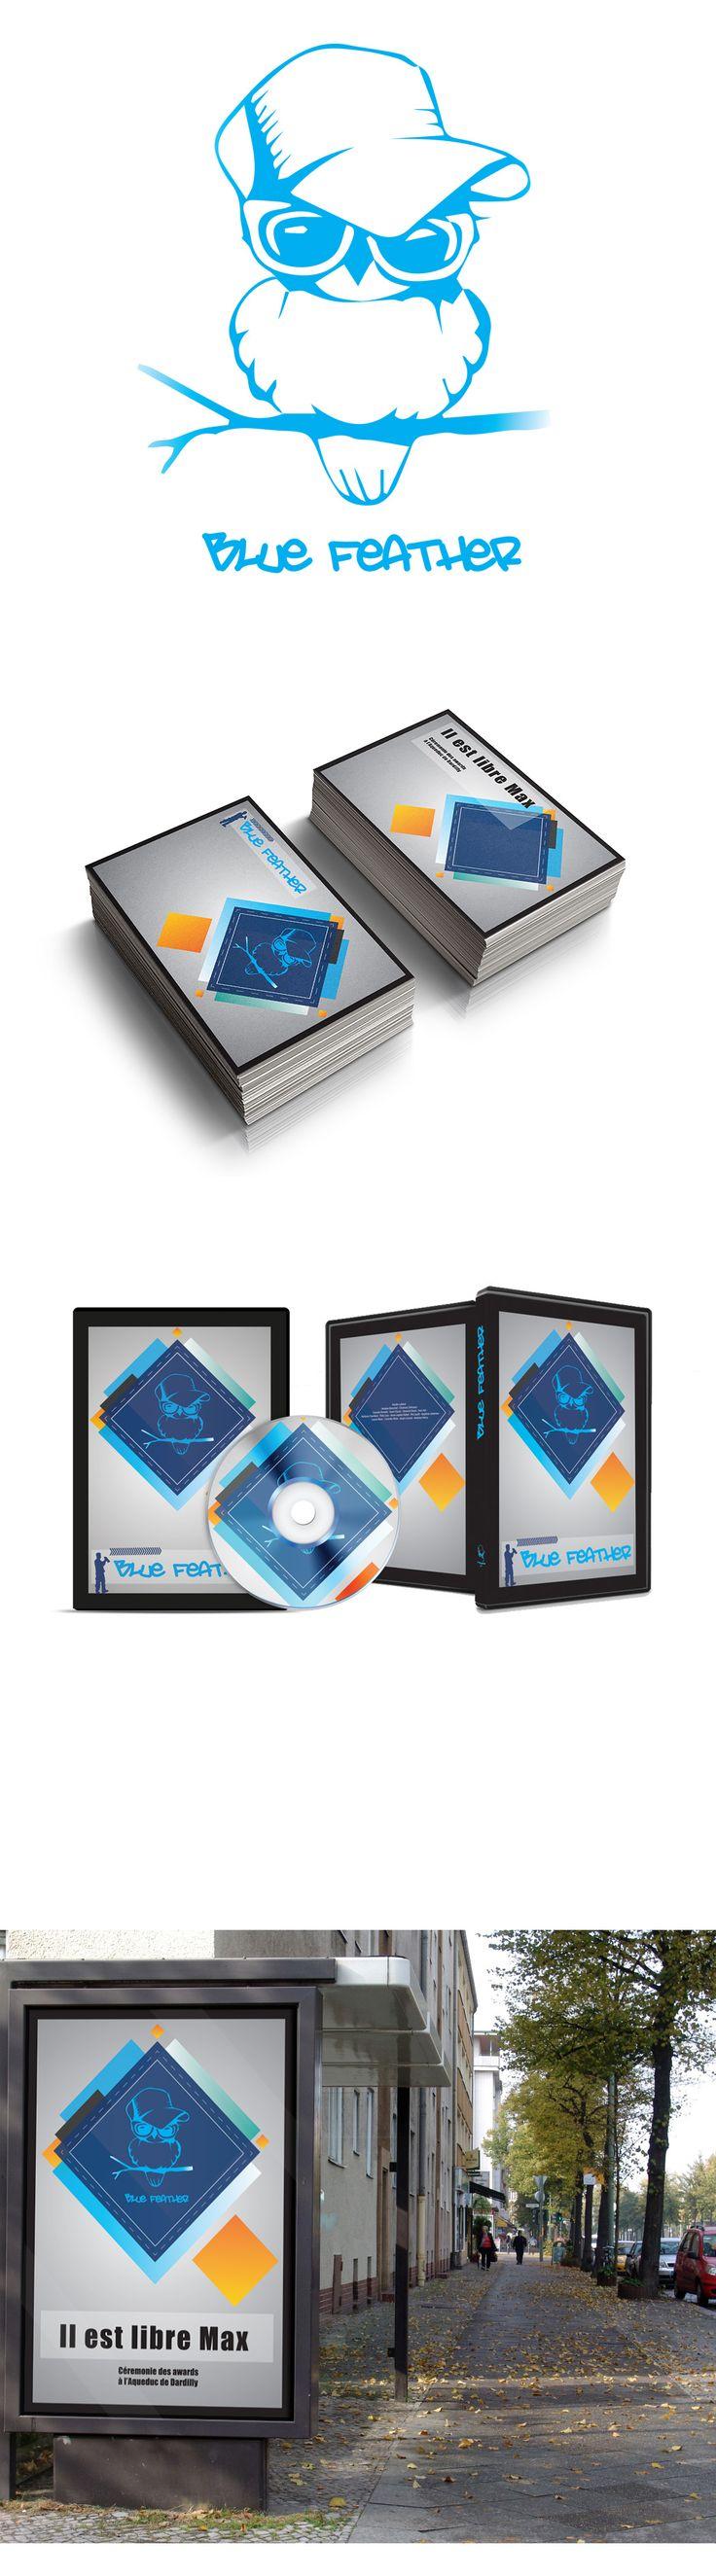 """Création d'un logo, d'une jaquette CD, d'une carte d'invitation ainsi qu'une affiche pour un groupe amateur qui avait pour mascotte un oiseau bleu rappeur, et qui a repris la chanson """"il est libre Max"""" de Hervé Cristiani dans un style plus rap et enfantin."""